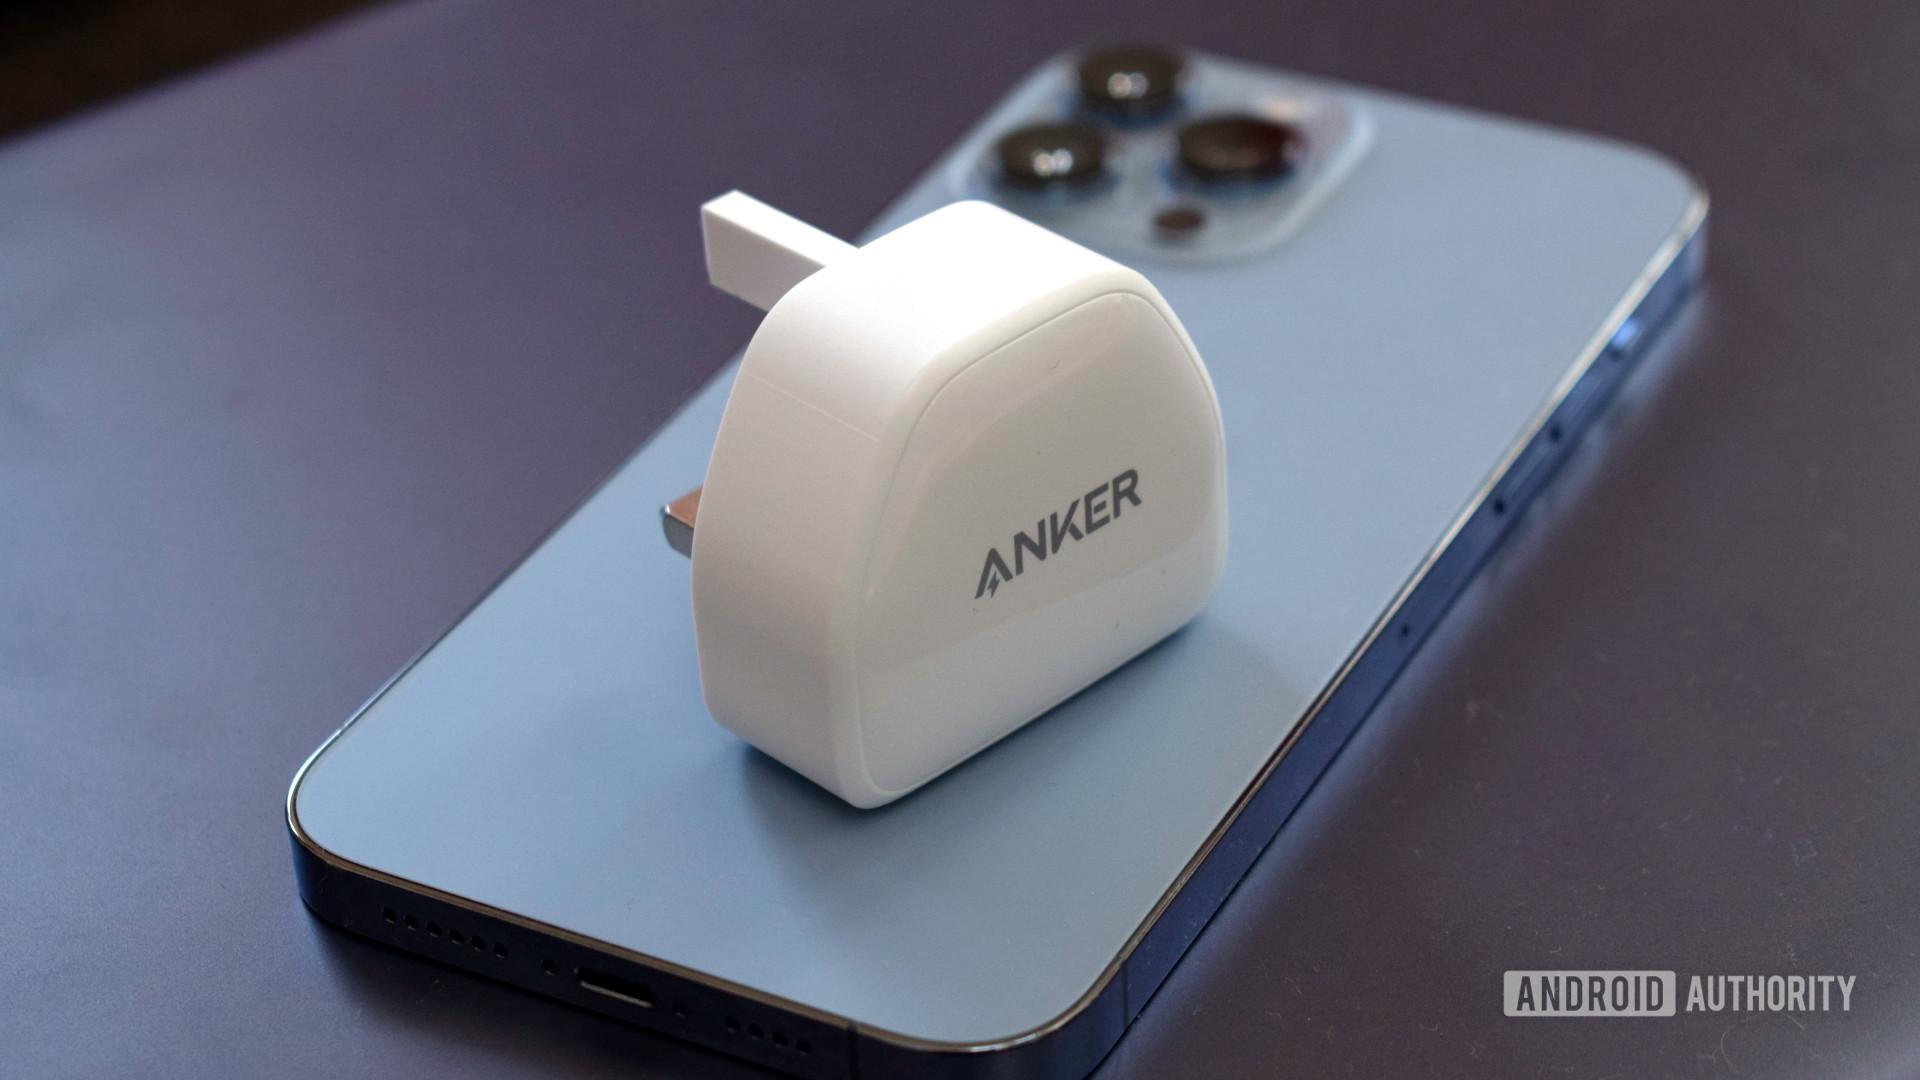 Anker PowerPort III Nano size on iPhone